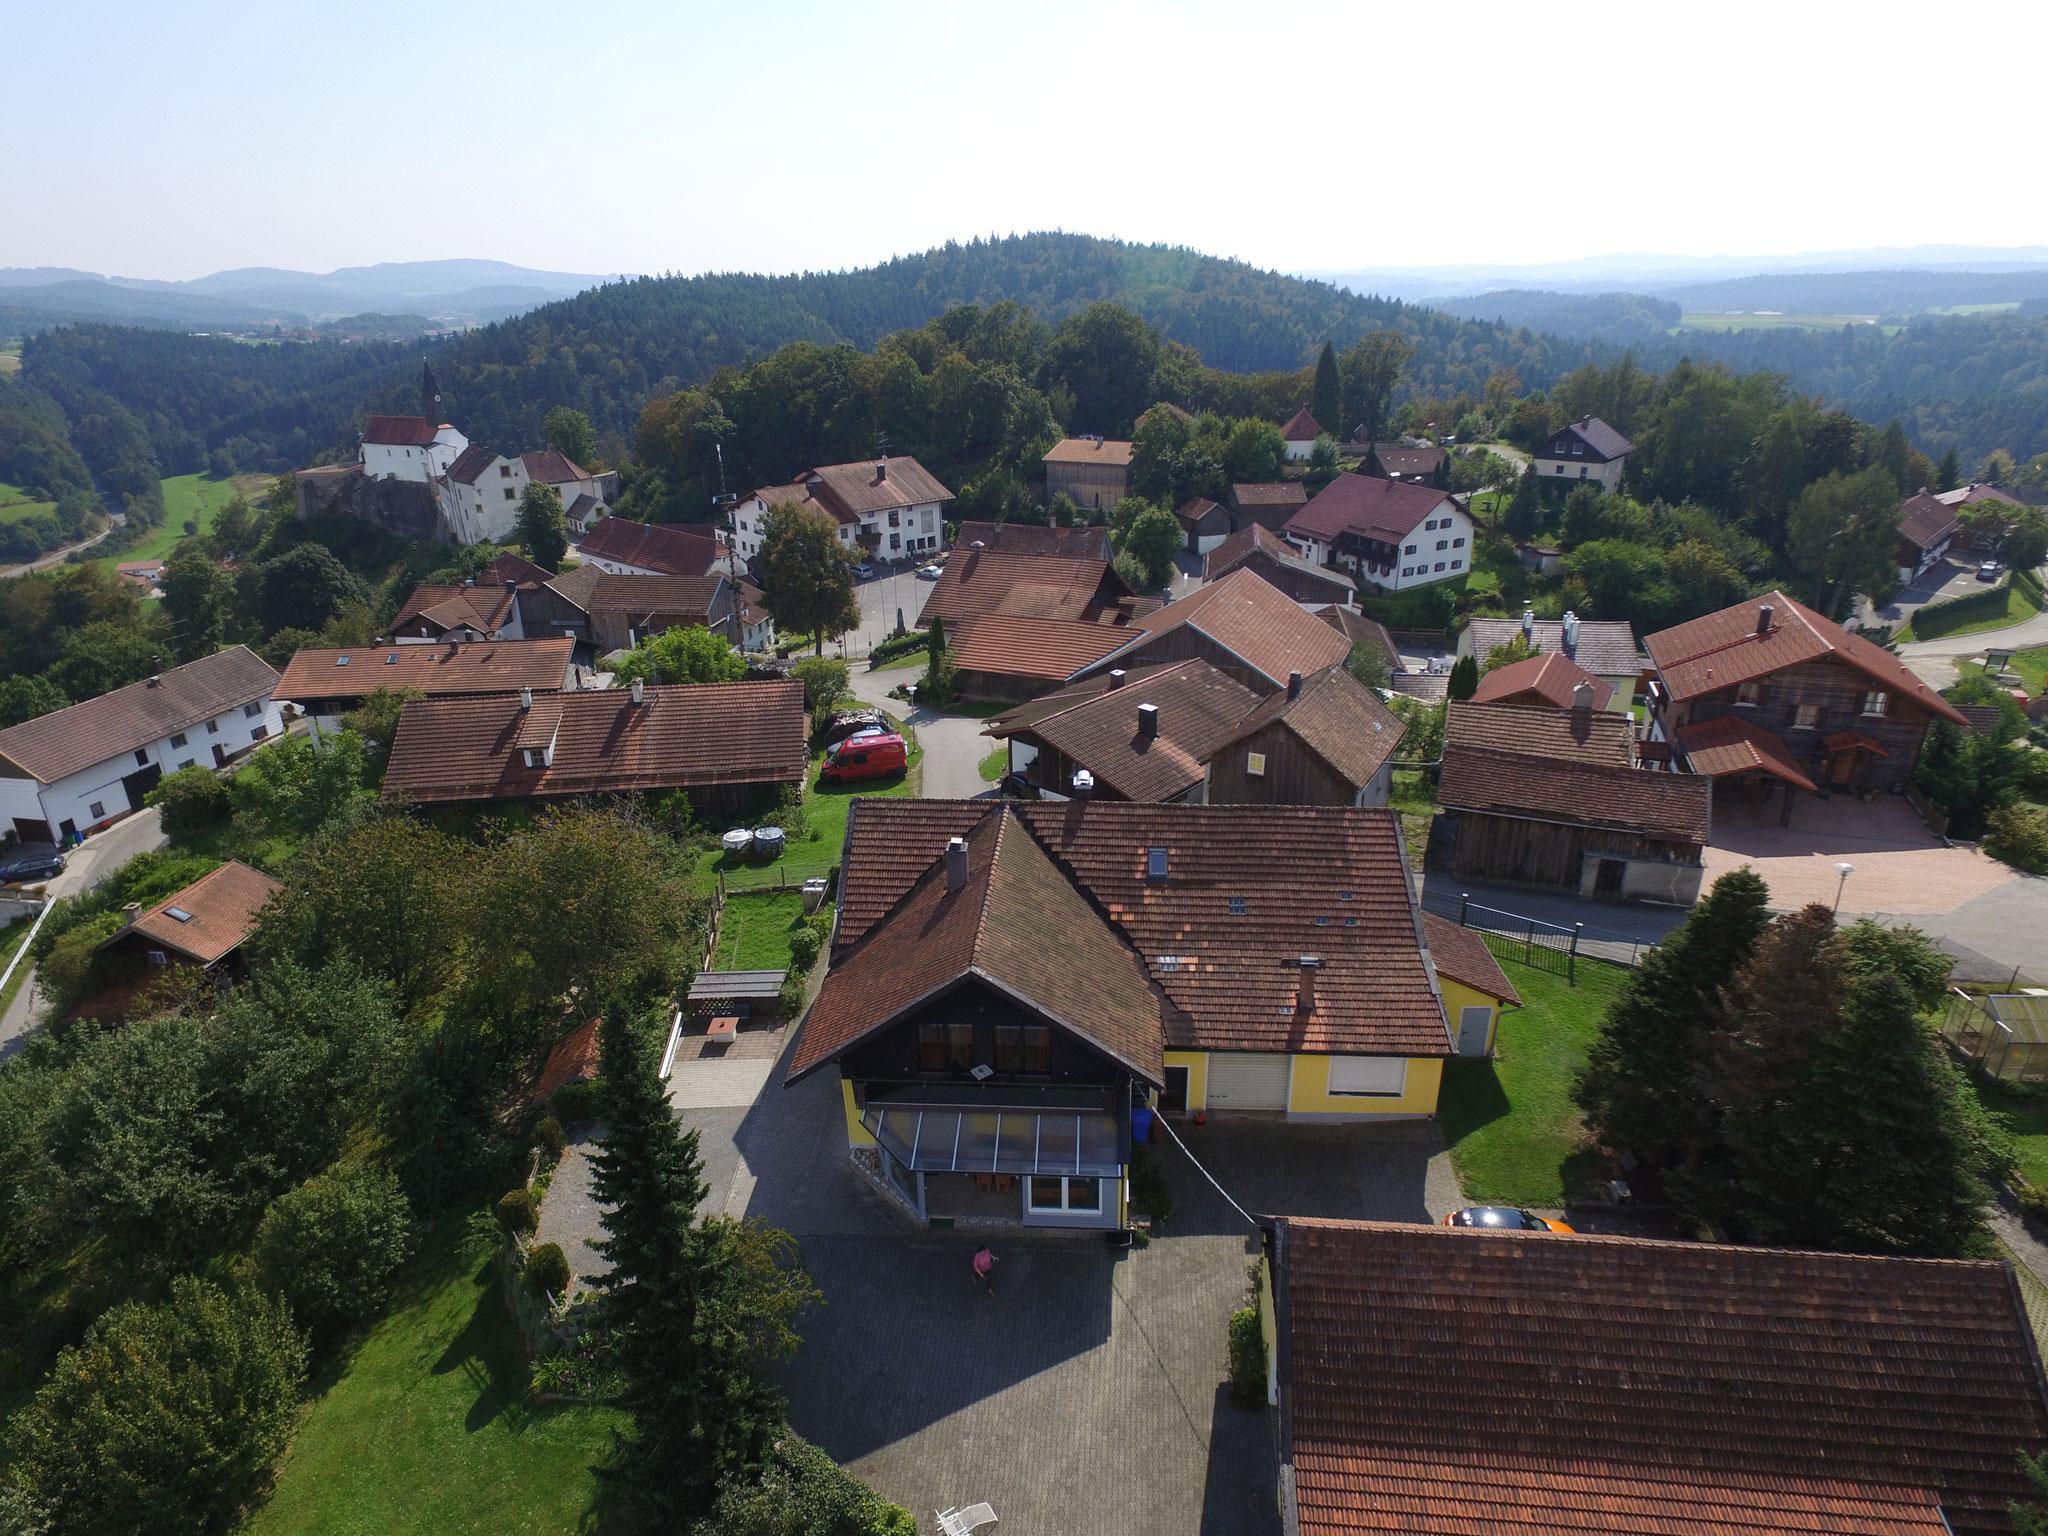 Luftbildaufnahme vom Ferienhaus